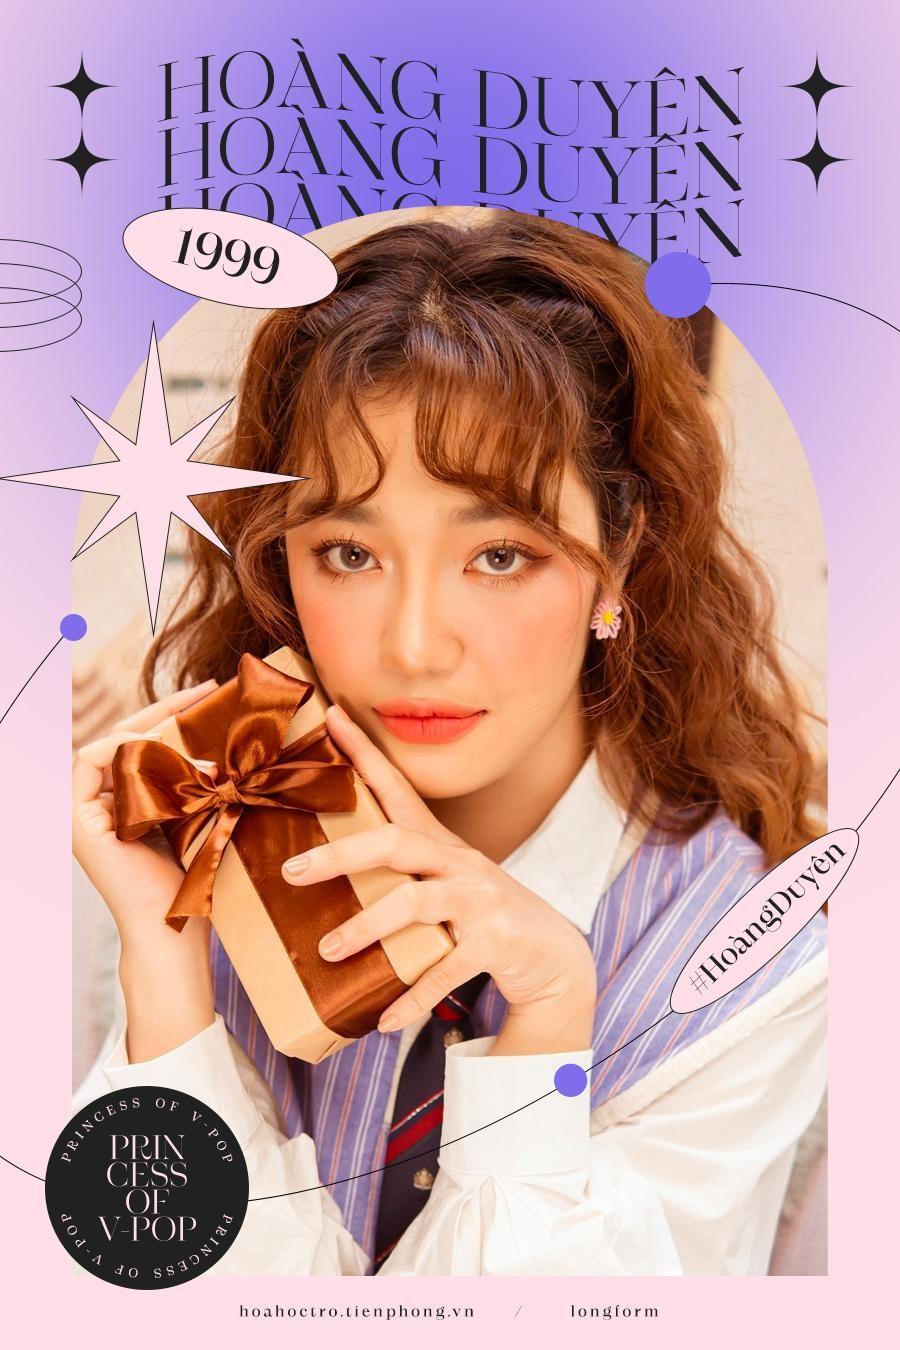 """Đặt ngôi sao hi vọng vào 3 nàng """"công chúa mới"""" của V-Pop: Amee, Hoàng Duyên, Juky San  ảnh 6"""